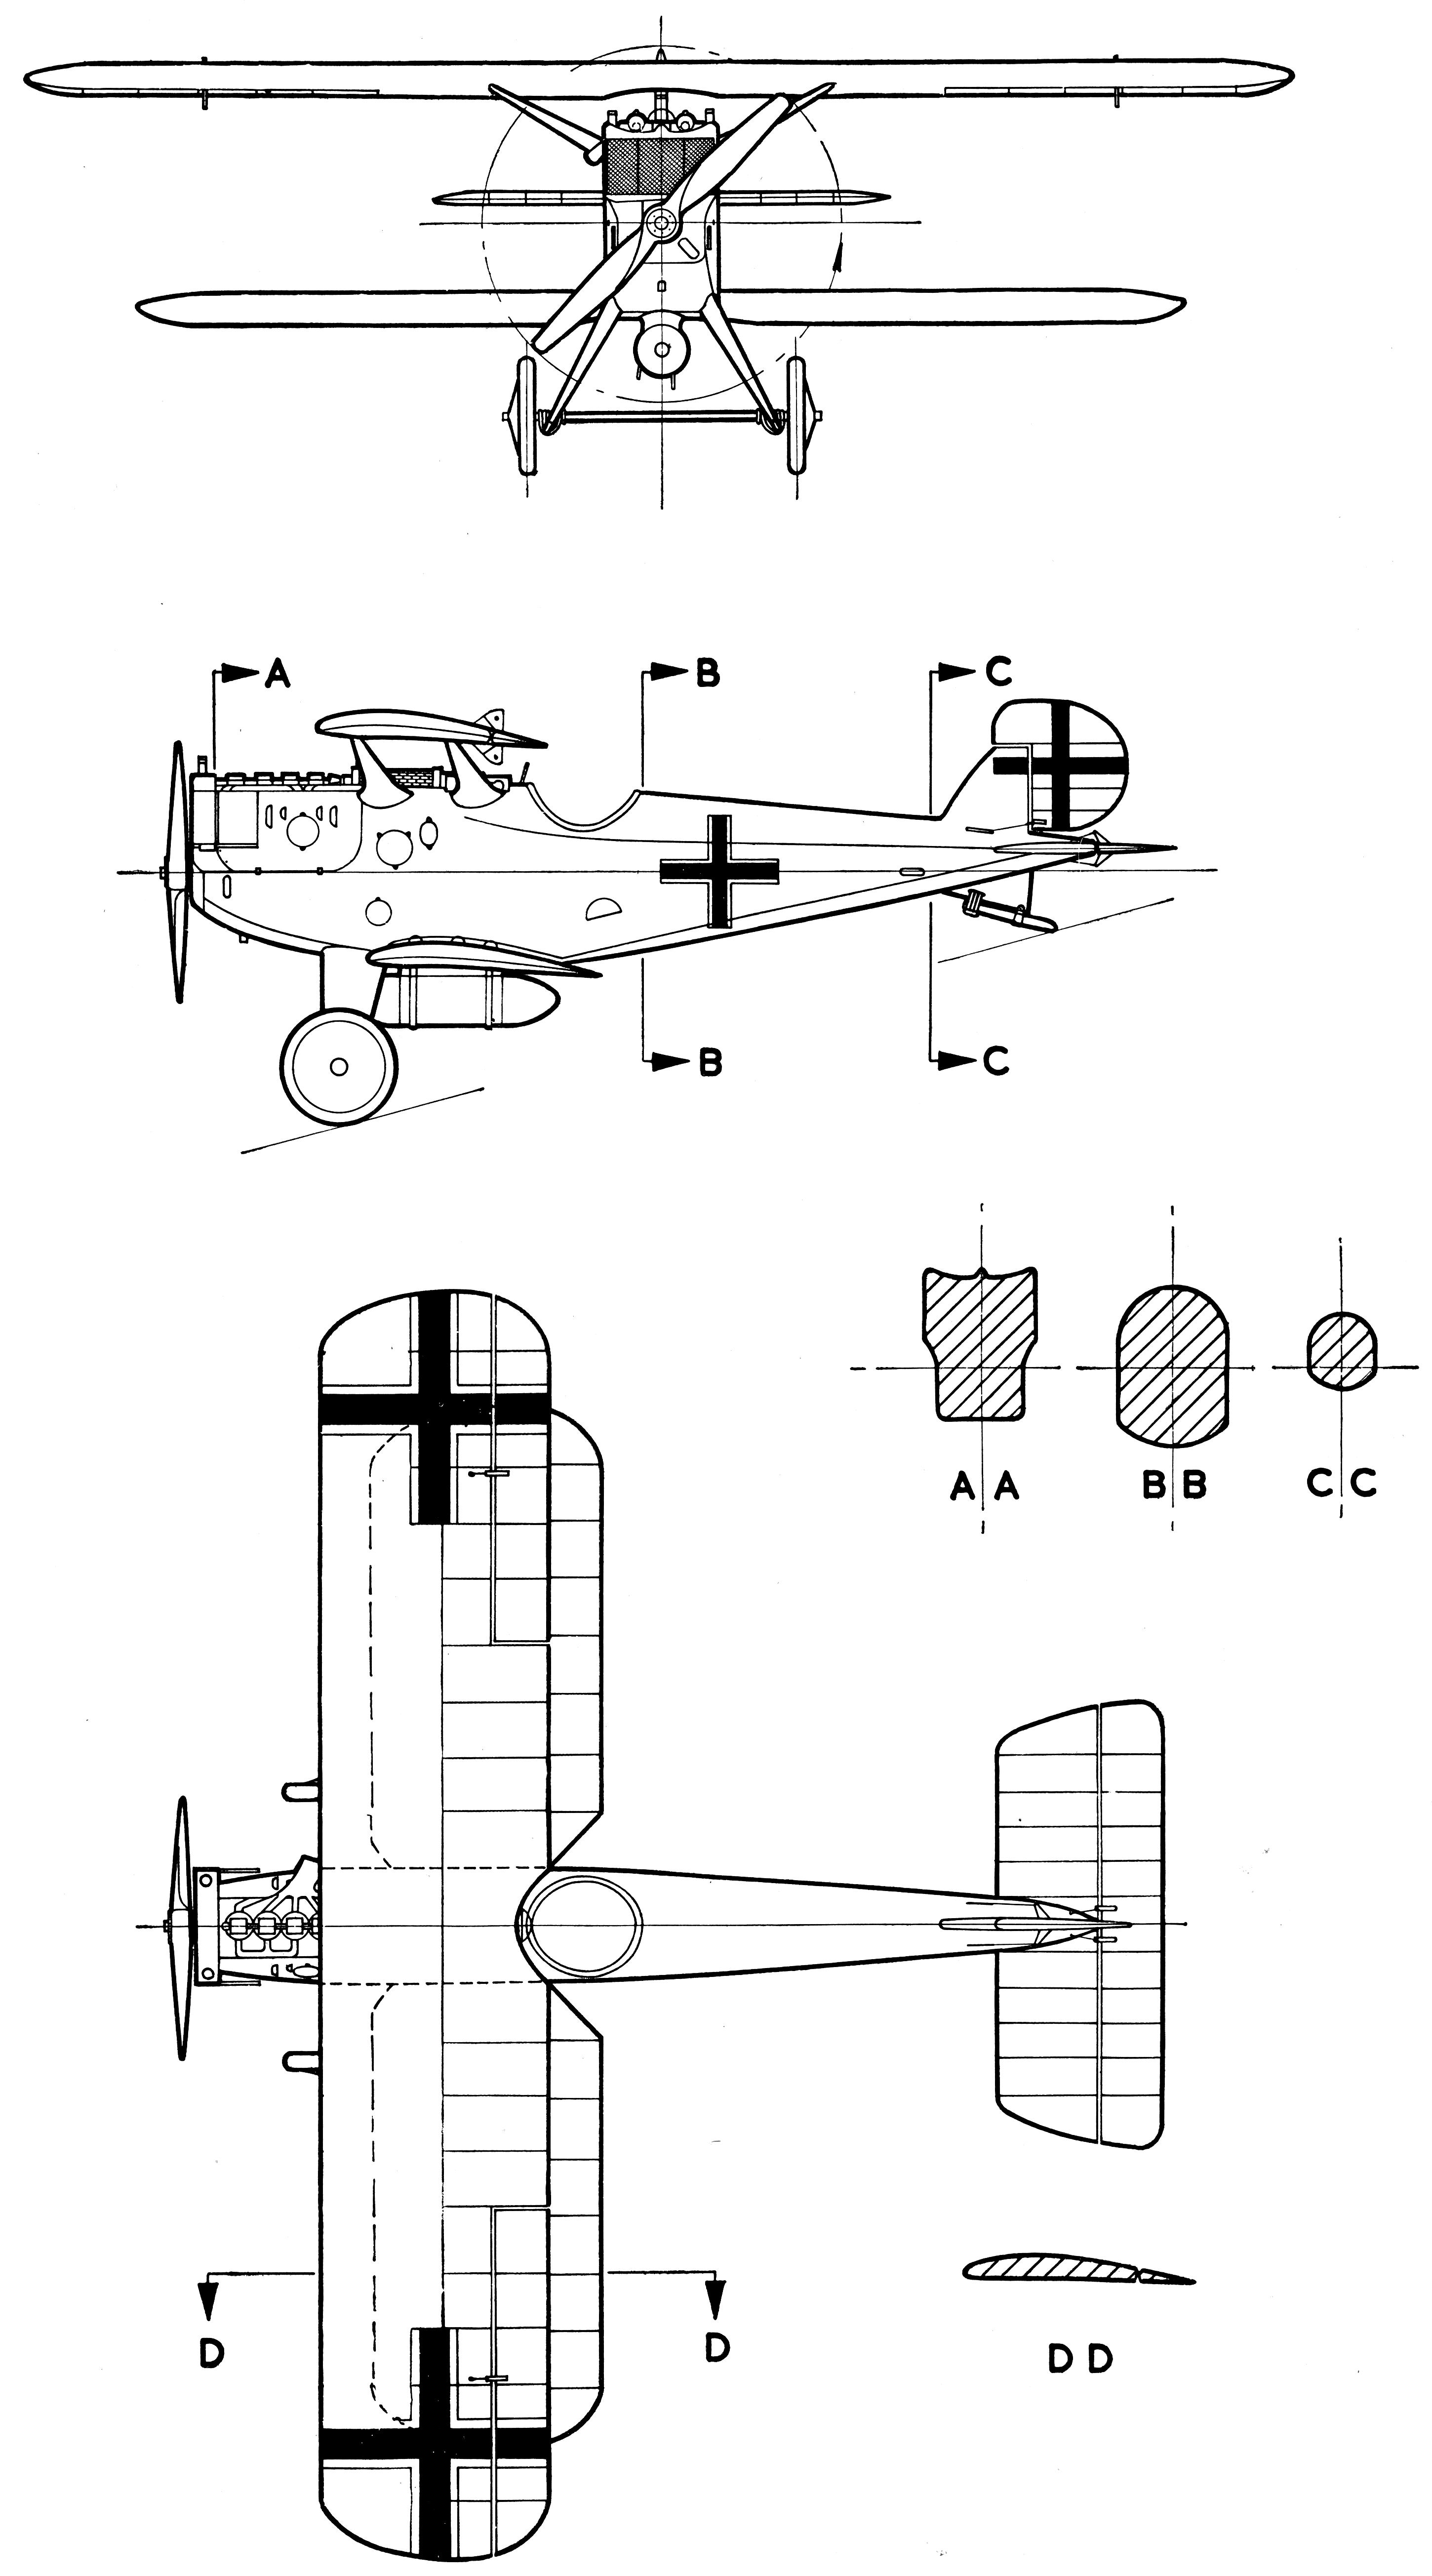 Dornier zeppelin di blueprint blueprints pinterest zeppelin dornier zeppelin di blueprint malvernweather Images